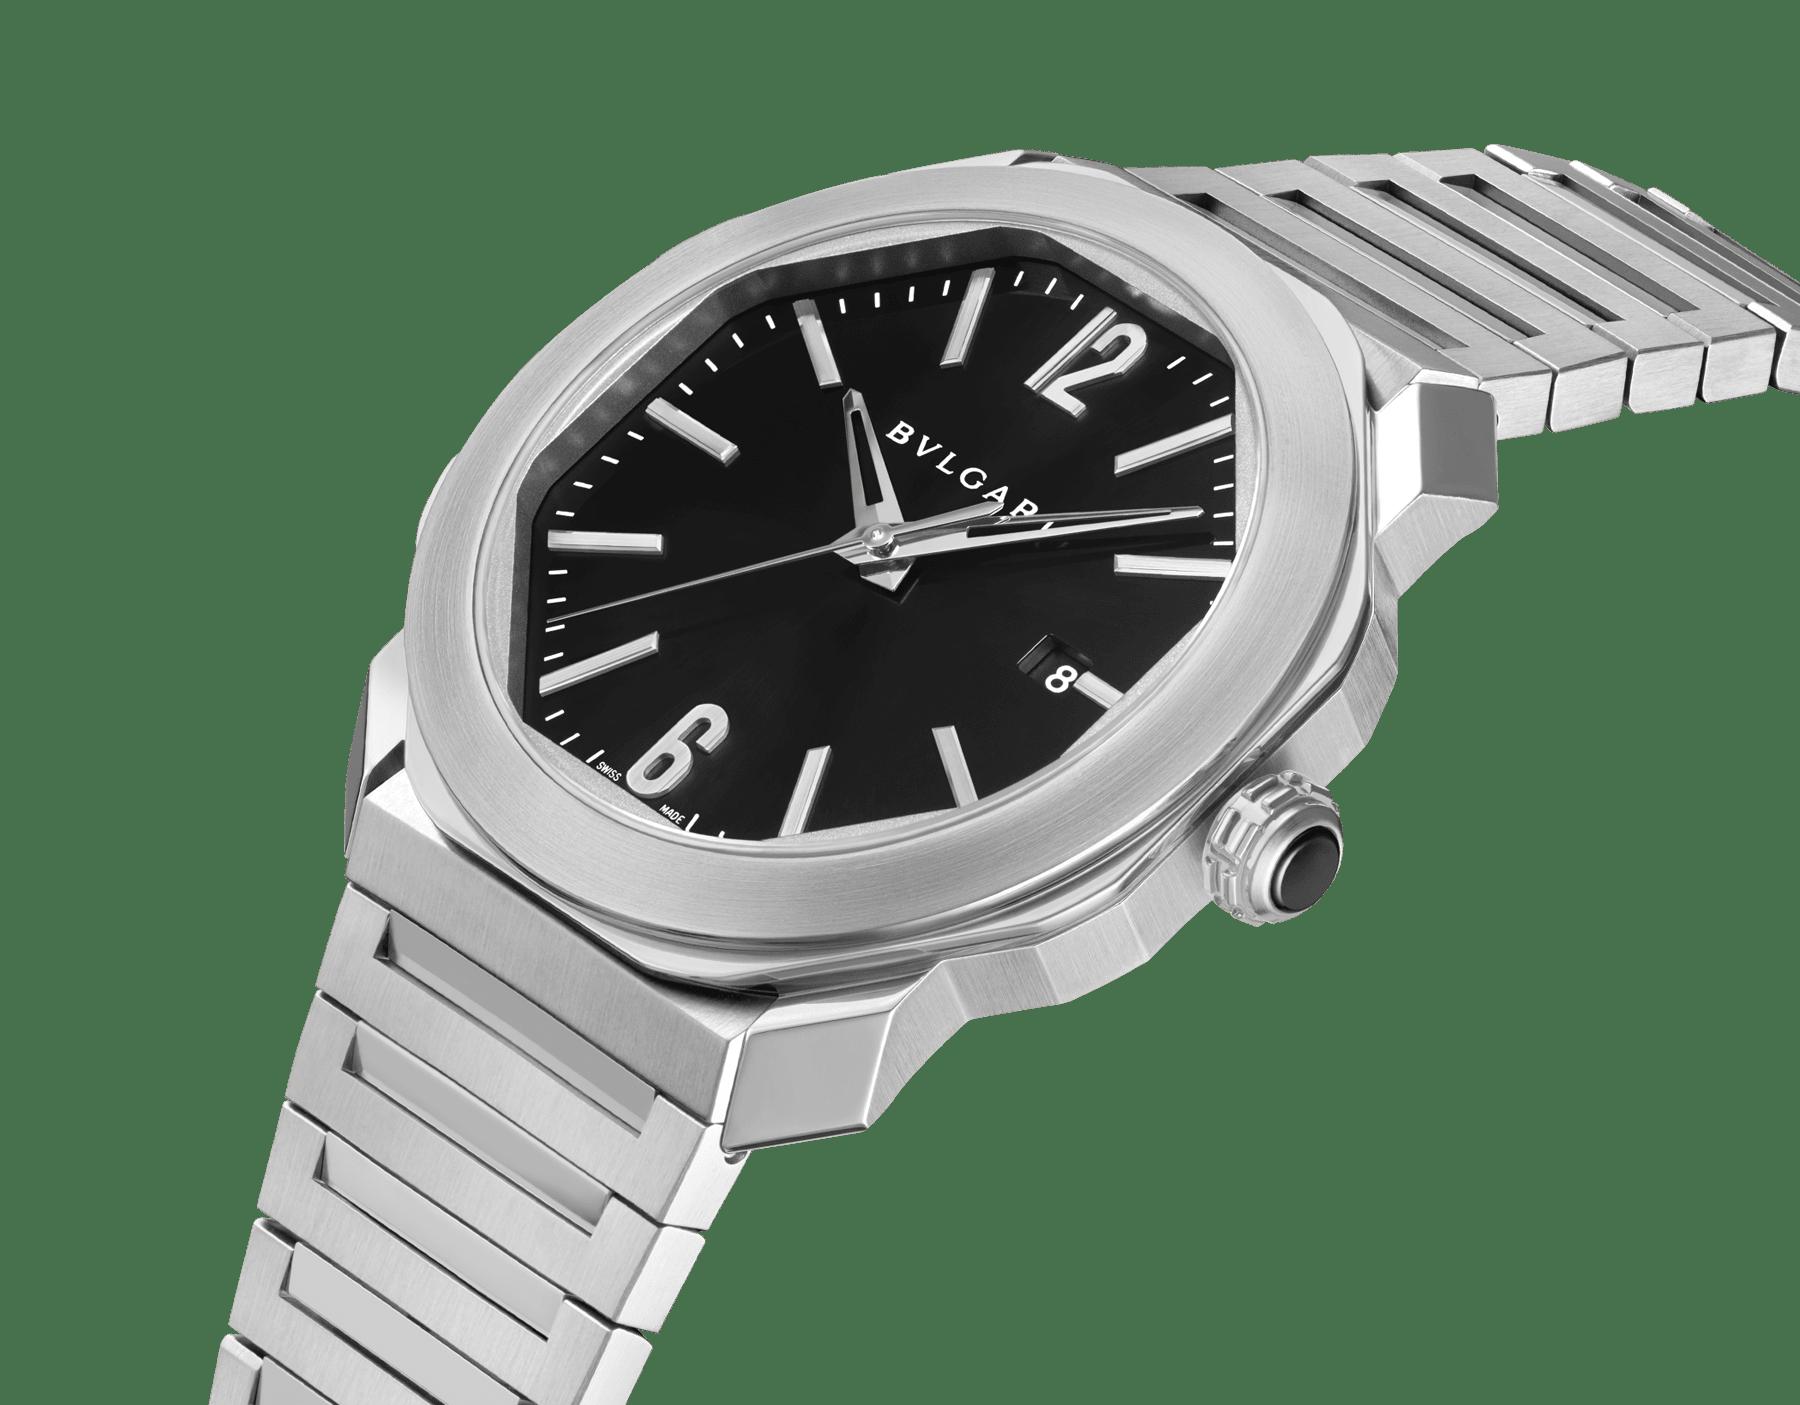 Montre Octo Roma avec mouvement mécanique de manufacture, remontage automatique, boîtier et bracelet en acier inoxydable, cadran laquénoir. 102704 image 2